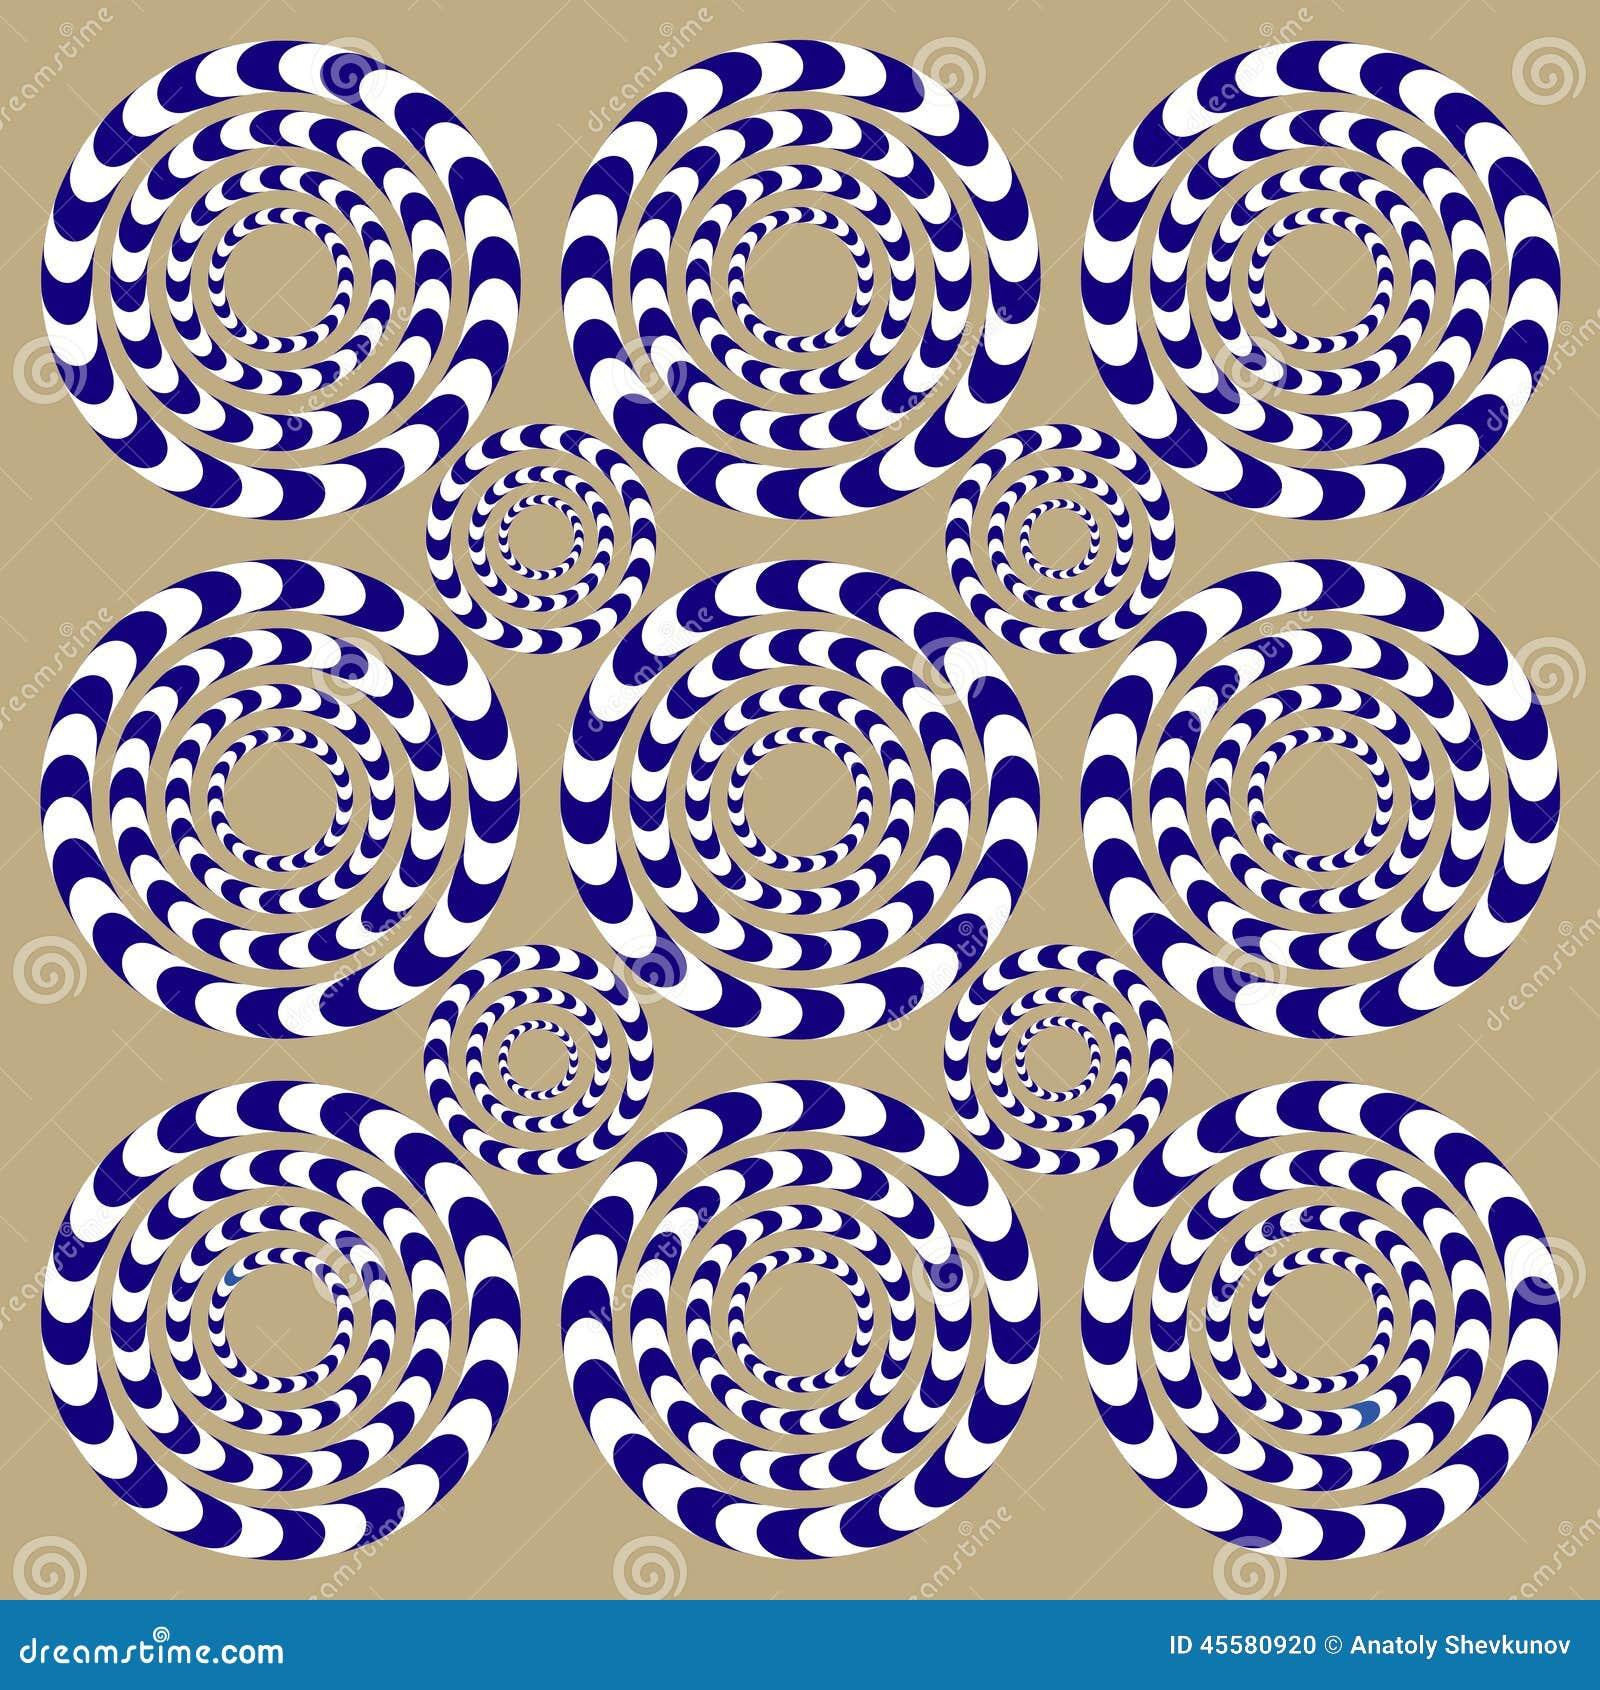 Закрутка объезжает (иллюзия)